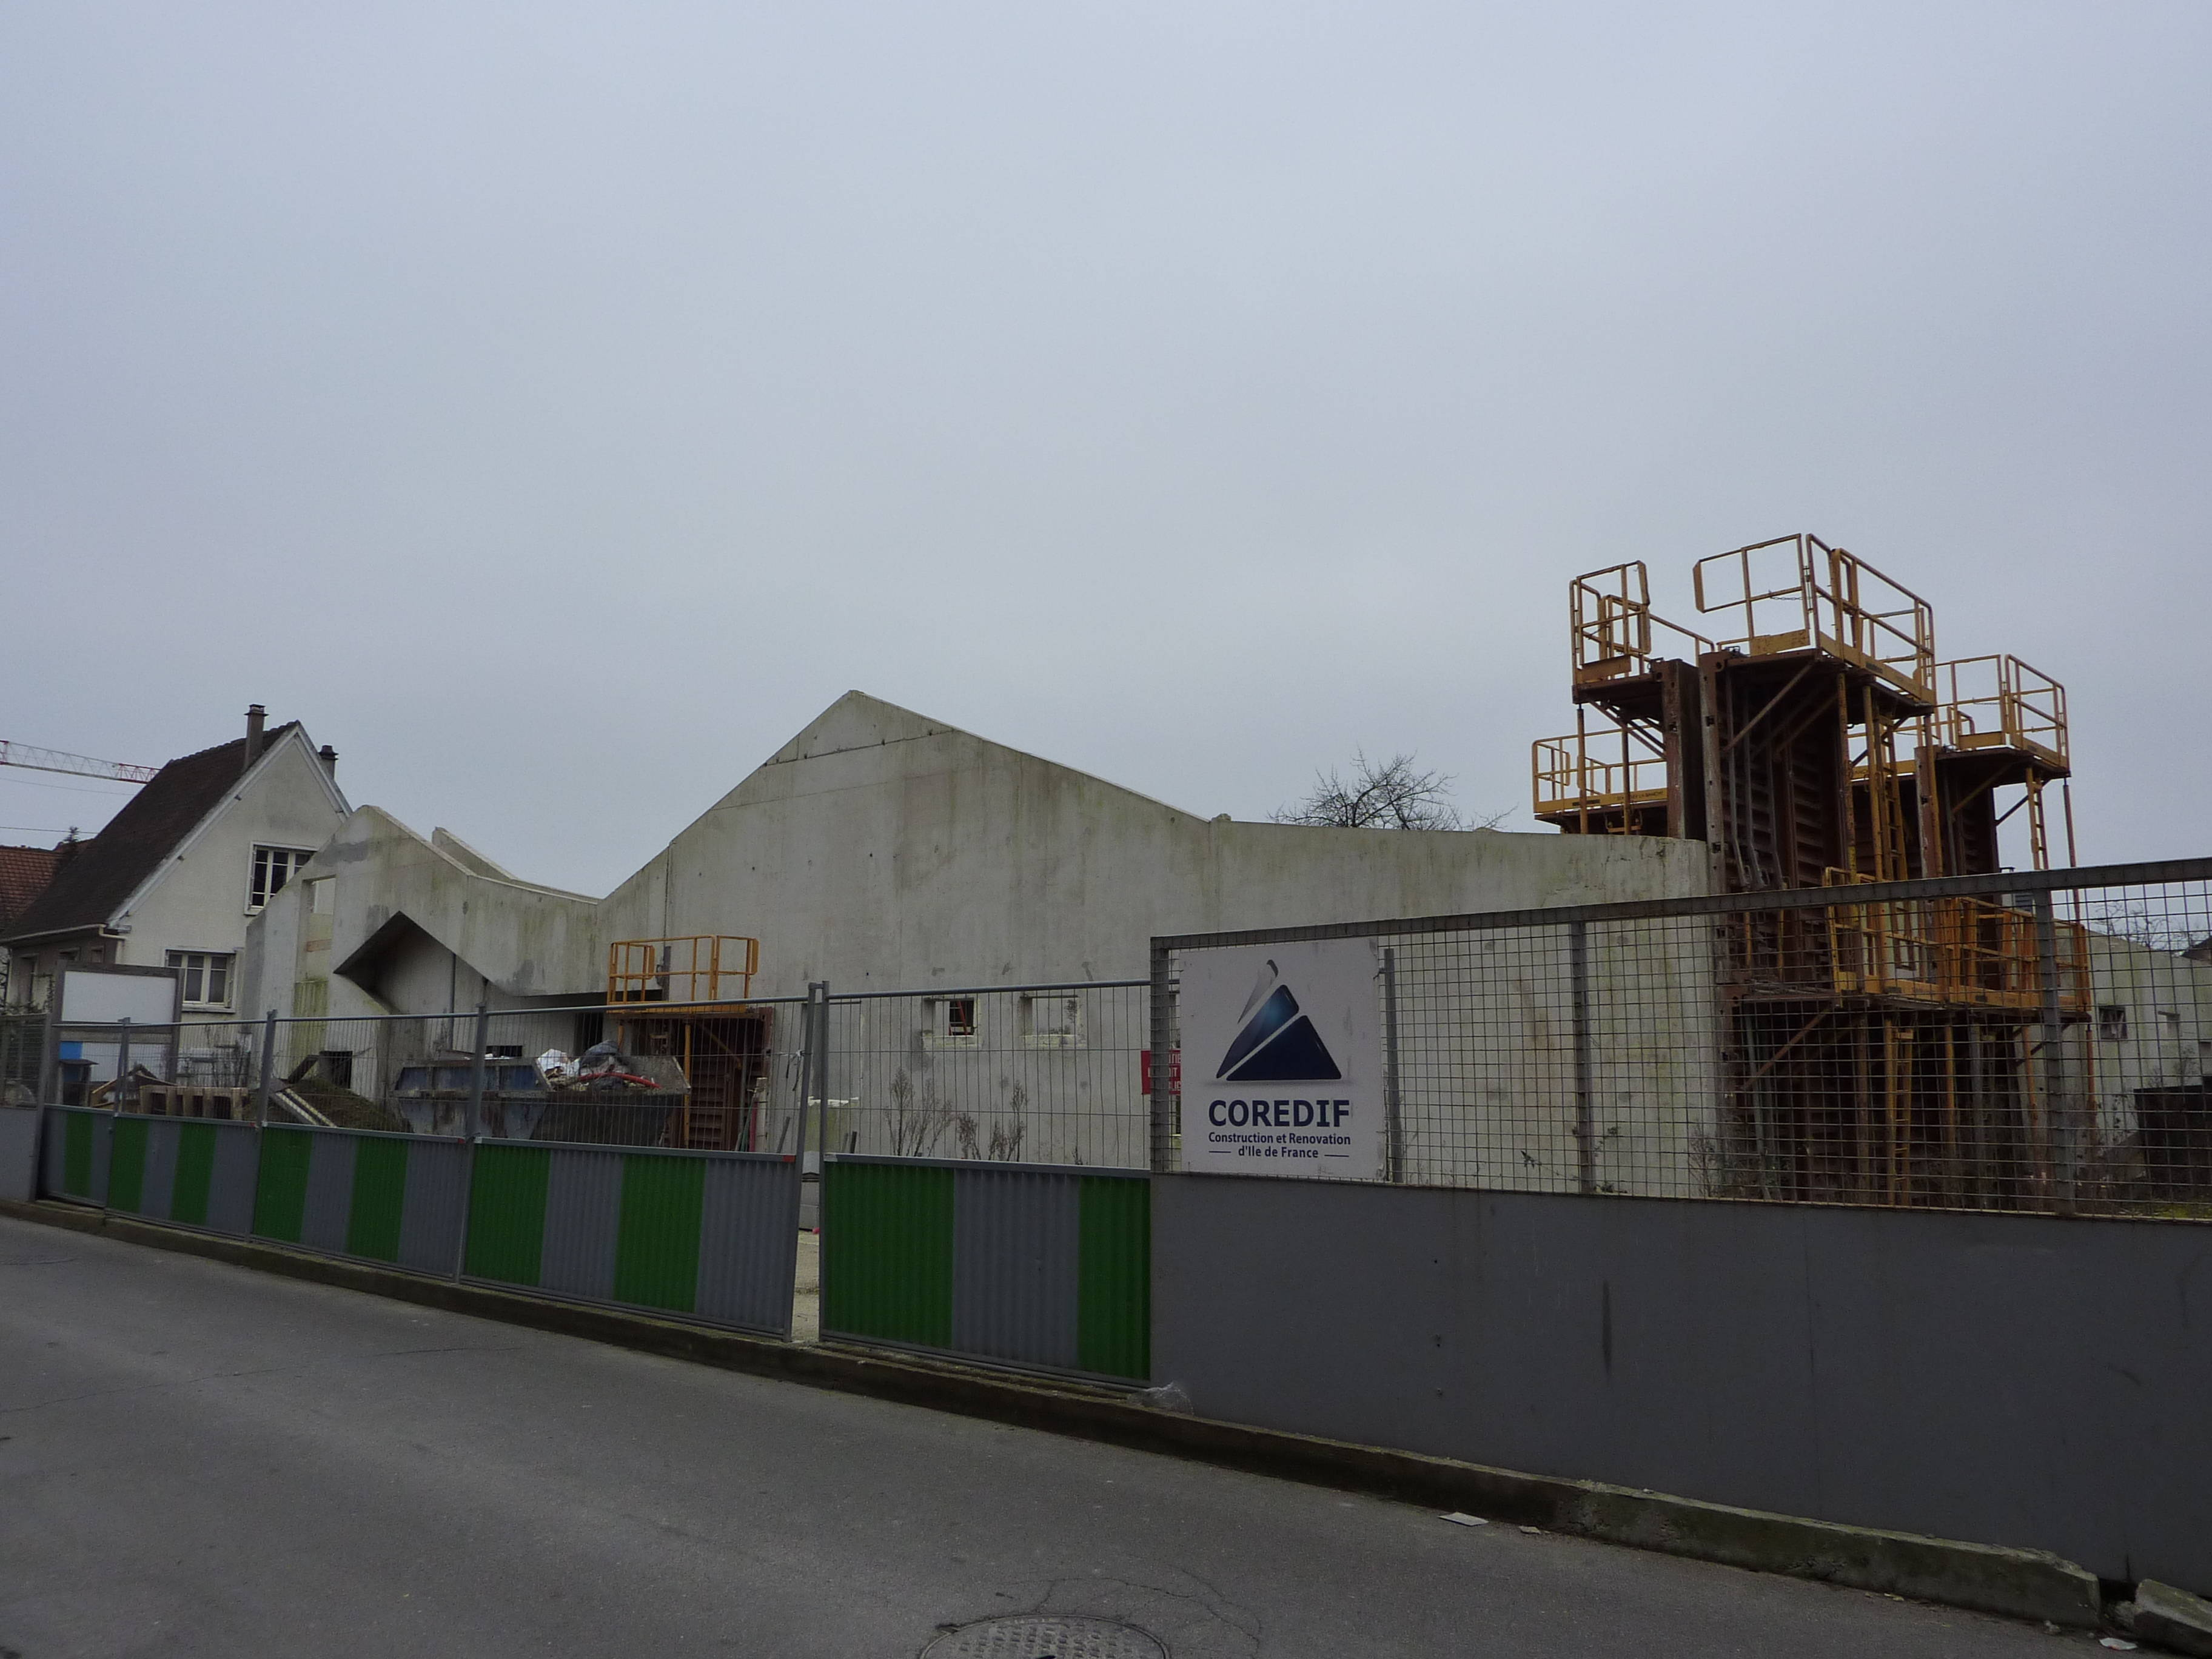 Aulnay sous Bois le chantier de la cr u00e8che rue de Toulouse toujours suspendu ? Aulnaycap # Creche Aulnay Sous Bois